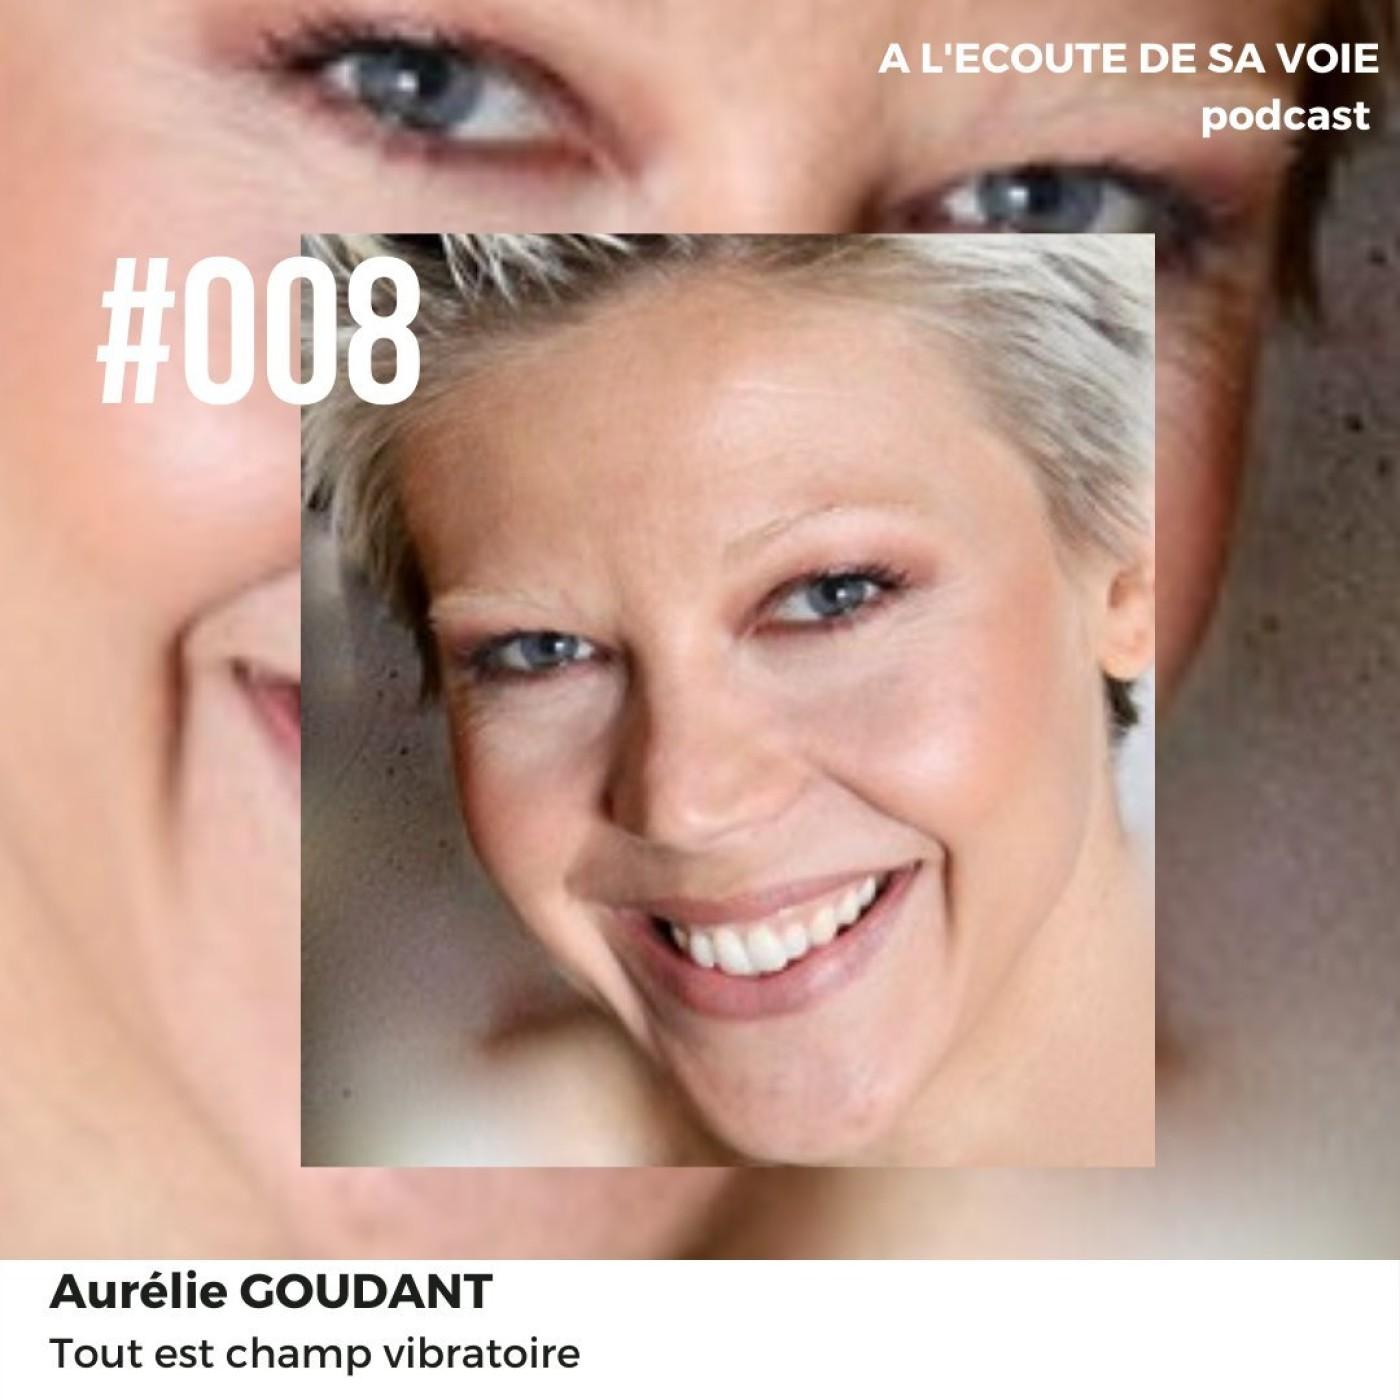 #008 Aurelie Goudant - Tout est champ vibratoire